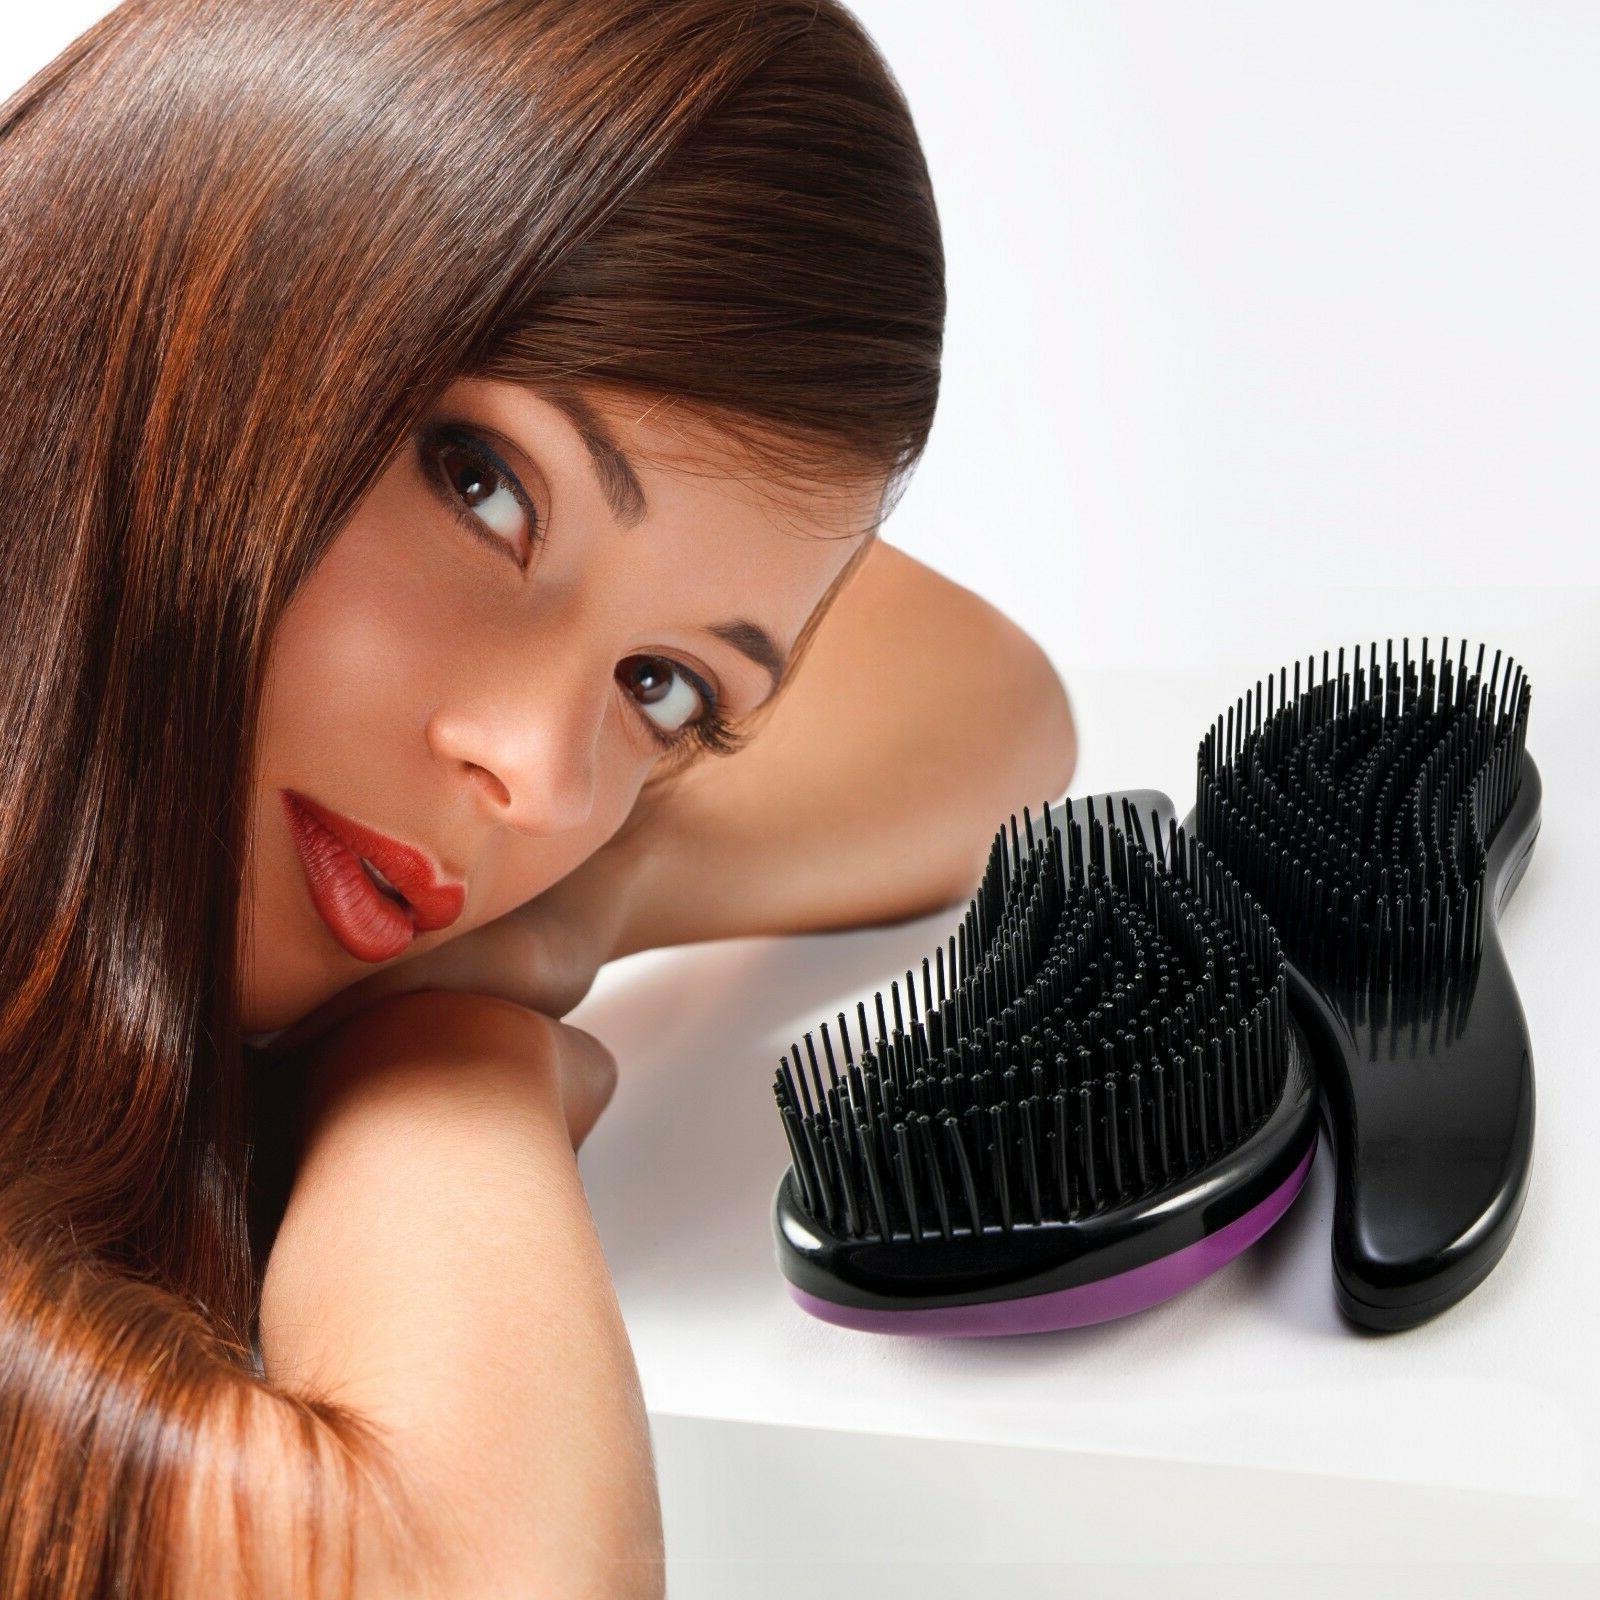 Set of 2 Best Detangler Bon Detangling Hair Brush &